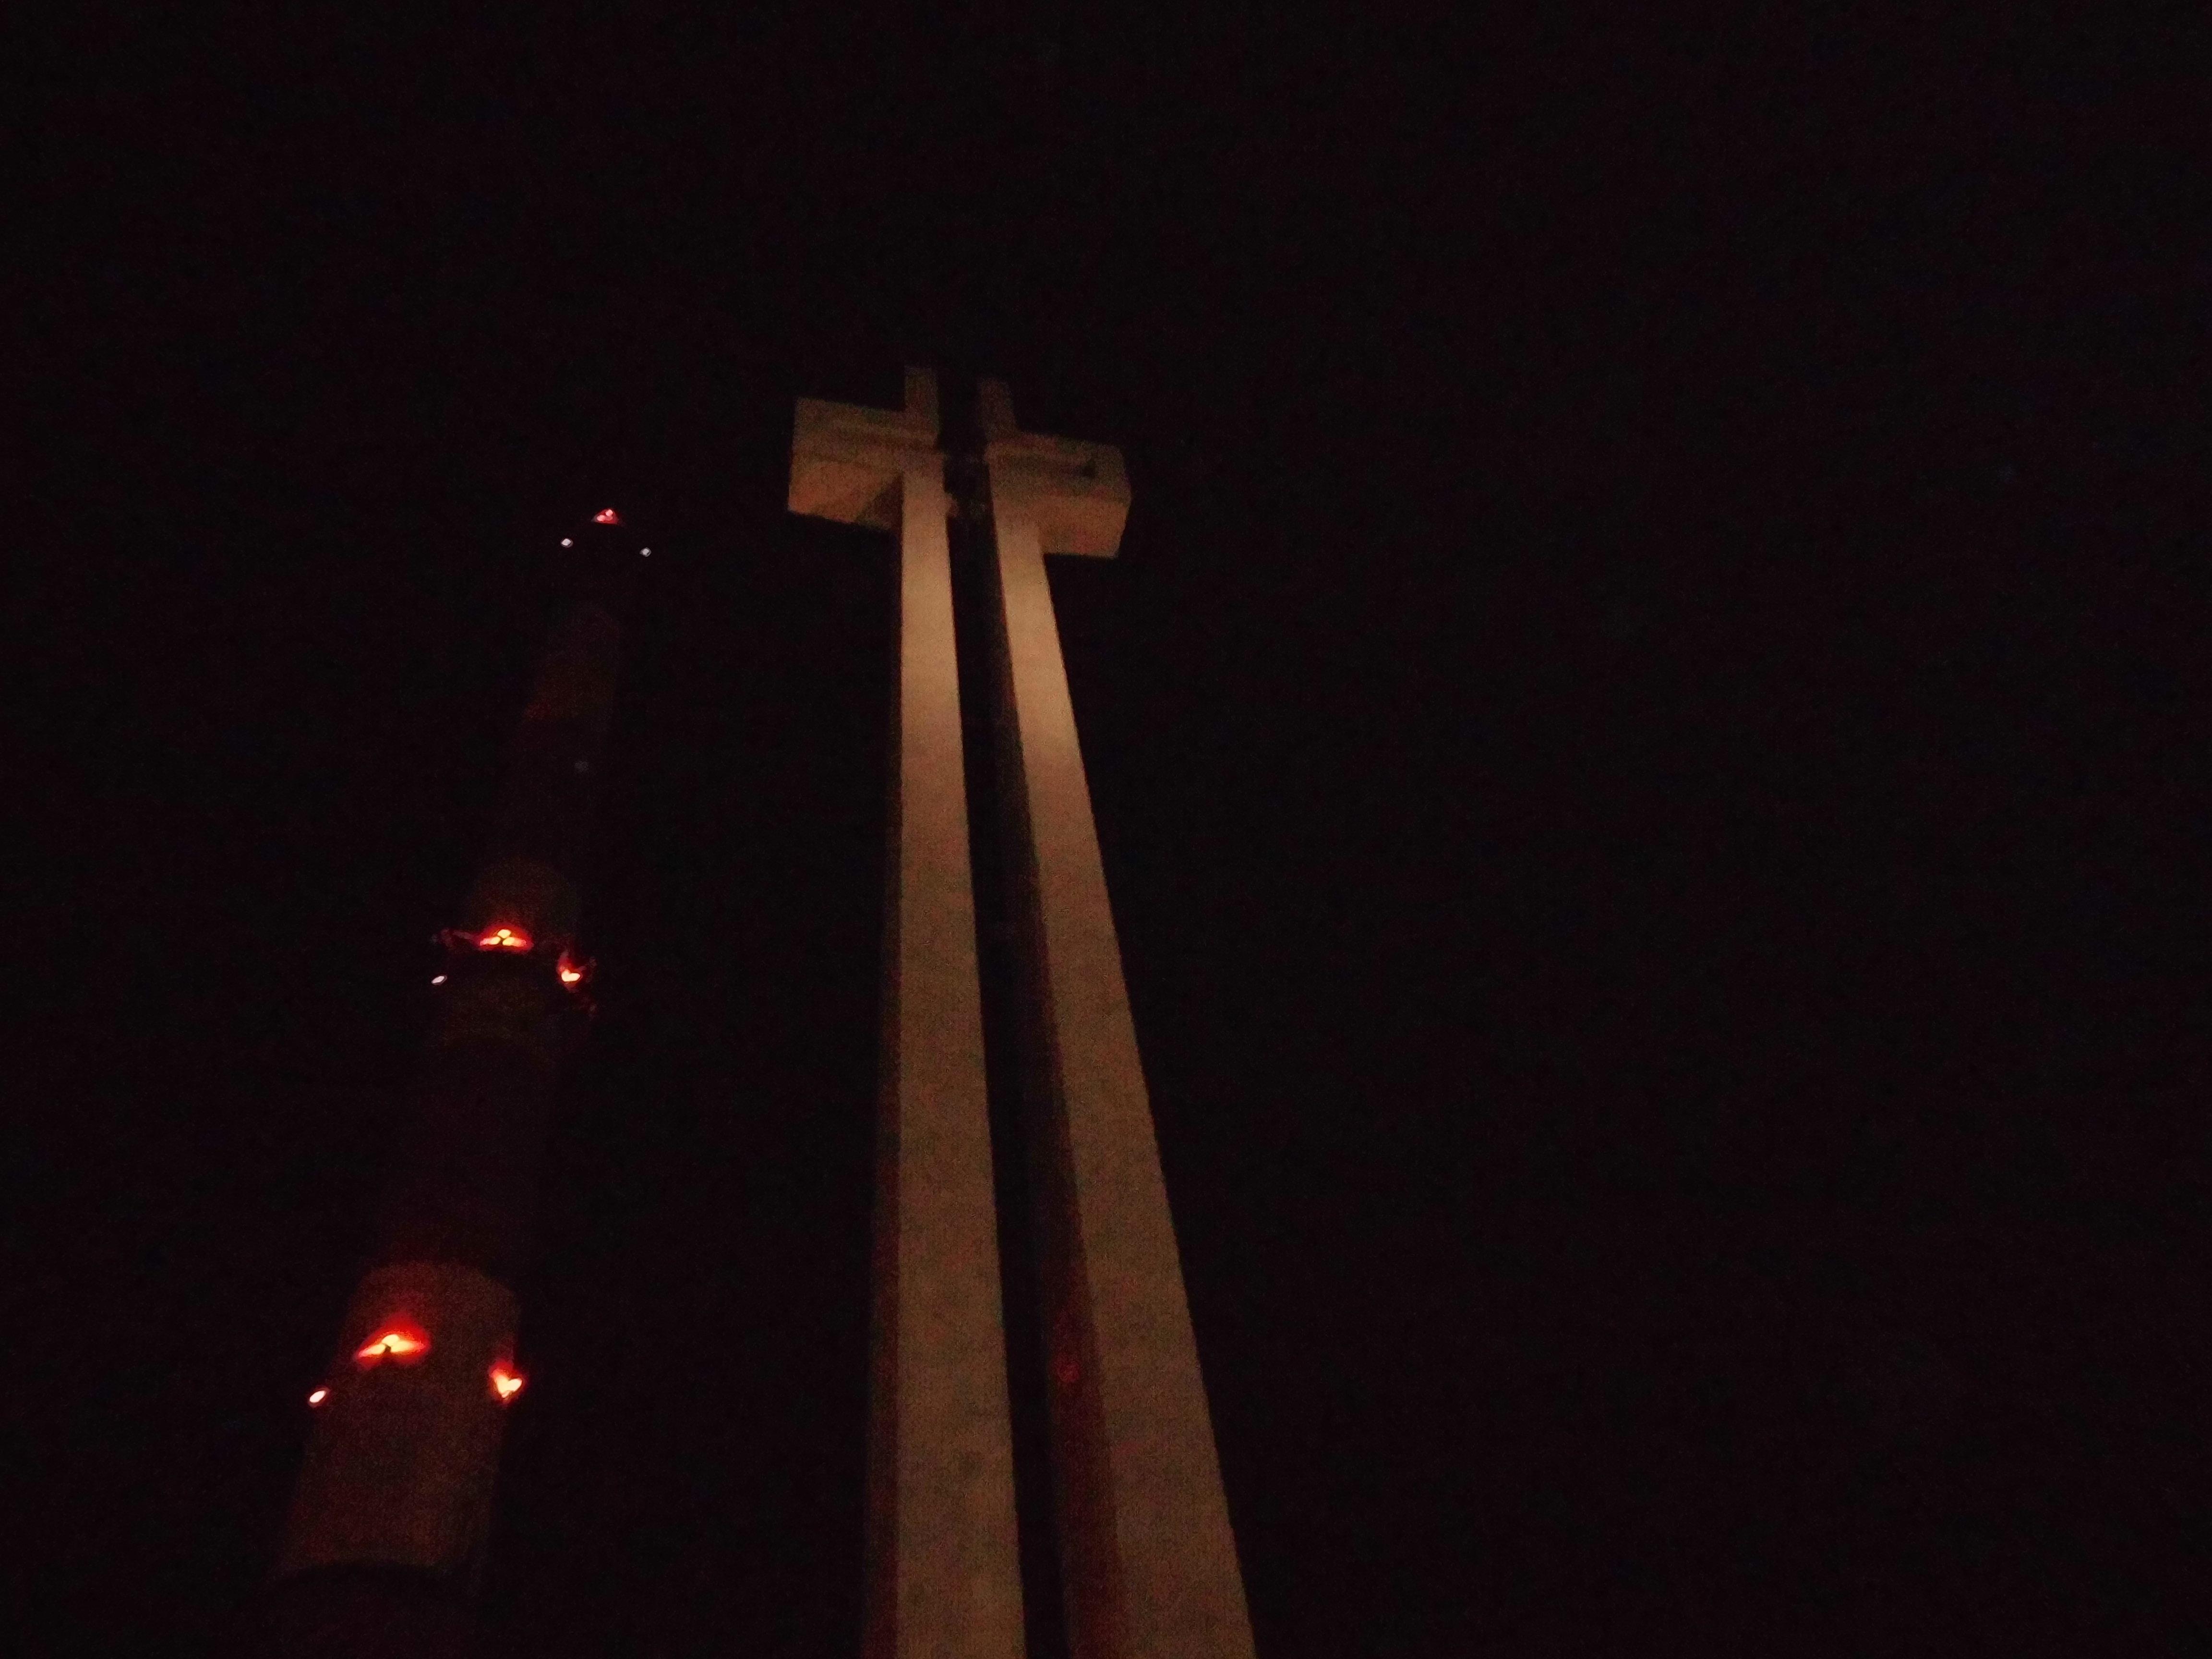 WOLNY CZYN: Katowice: rocznica obrony kopalni Wujek